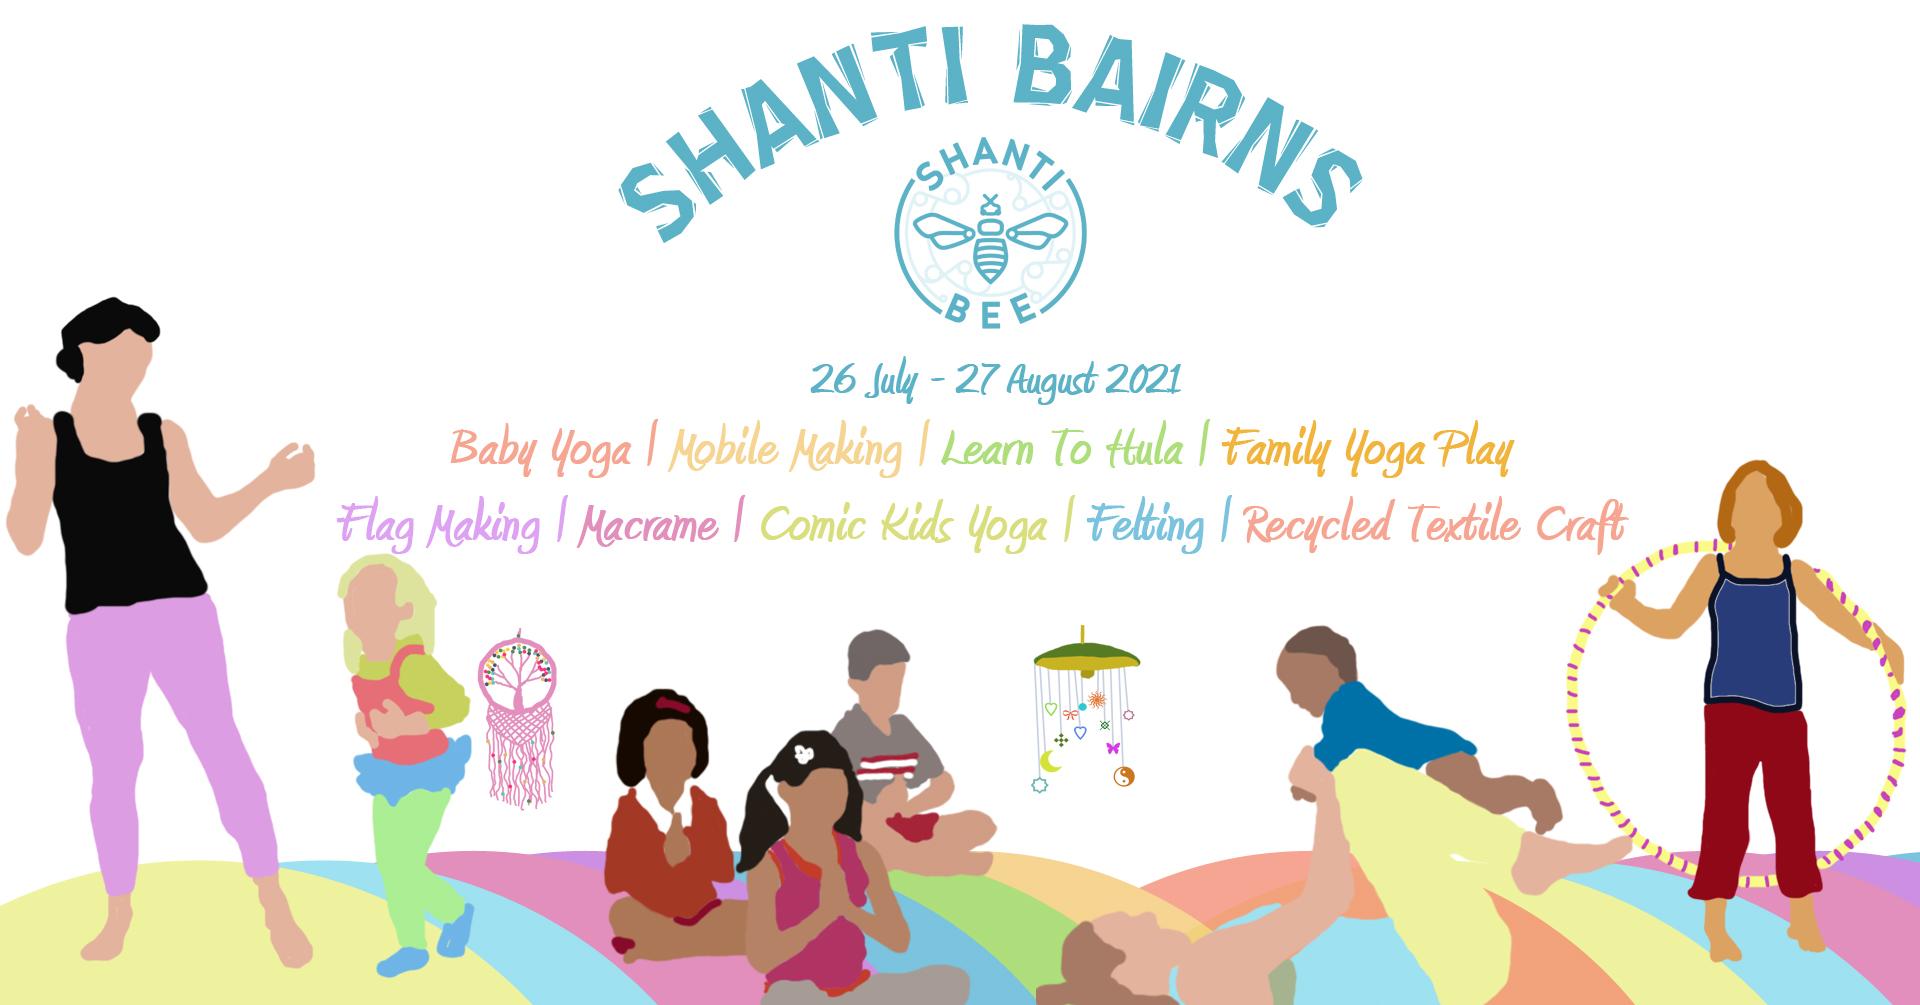 Shanti Bairns